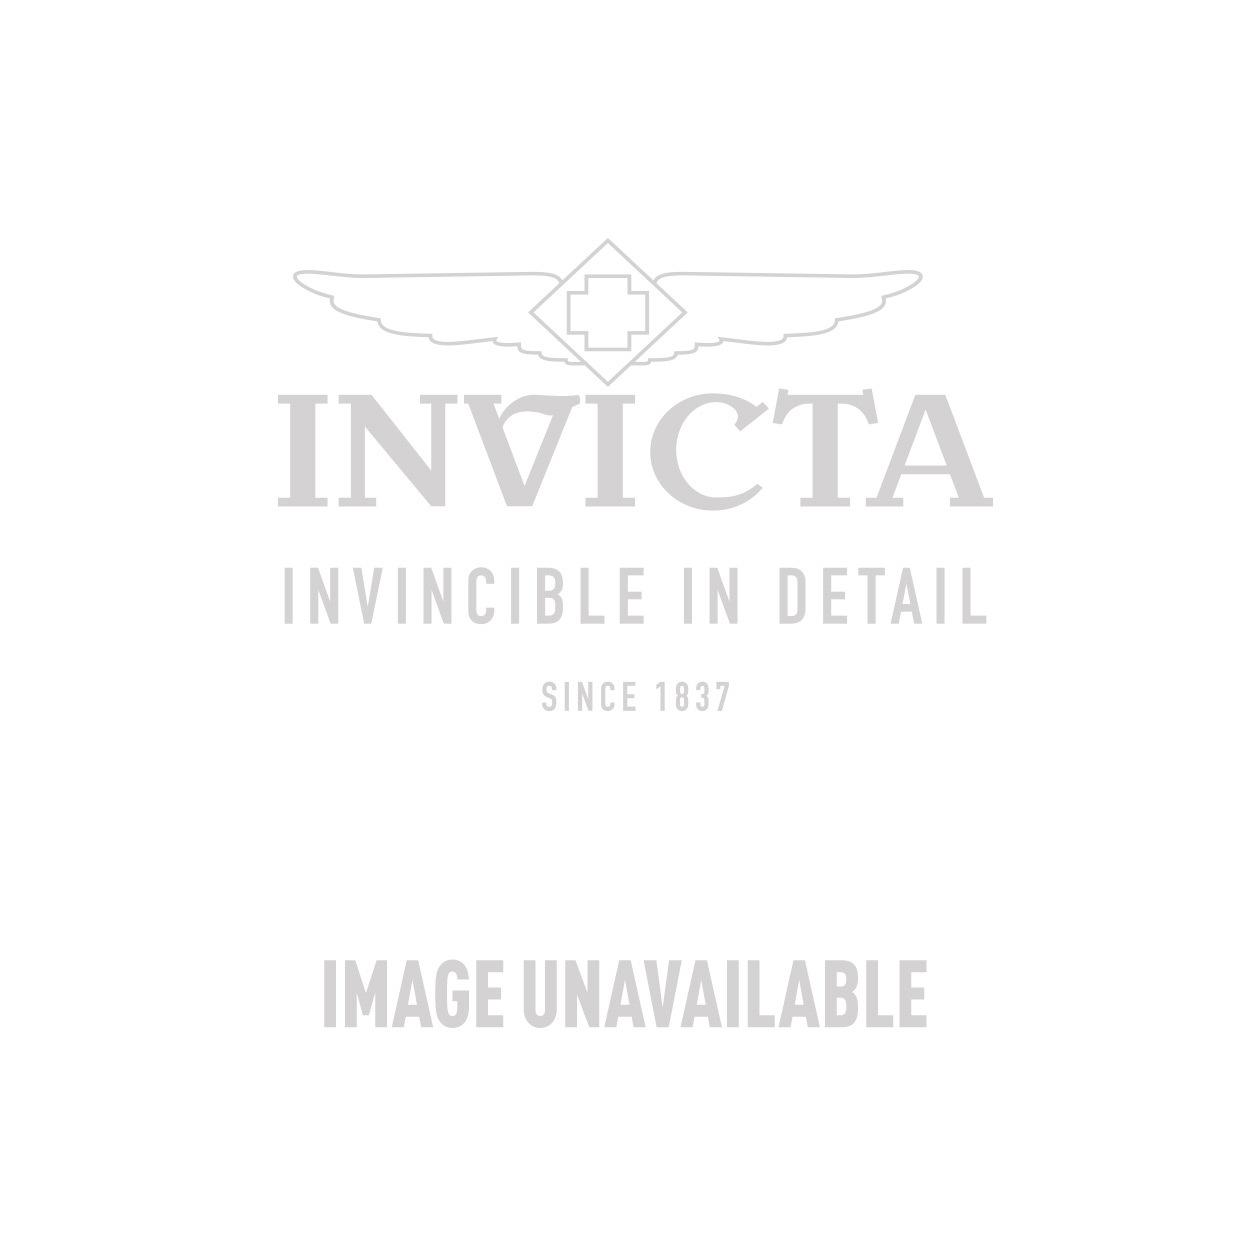 Invicta Model 27905